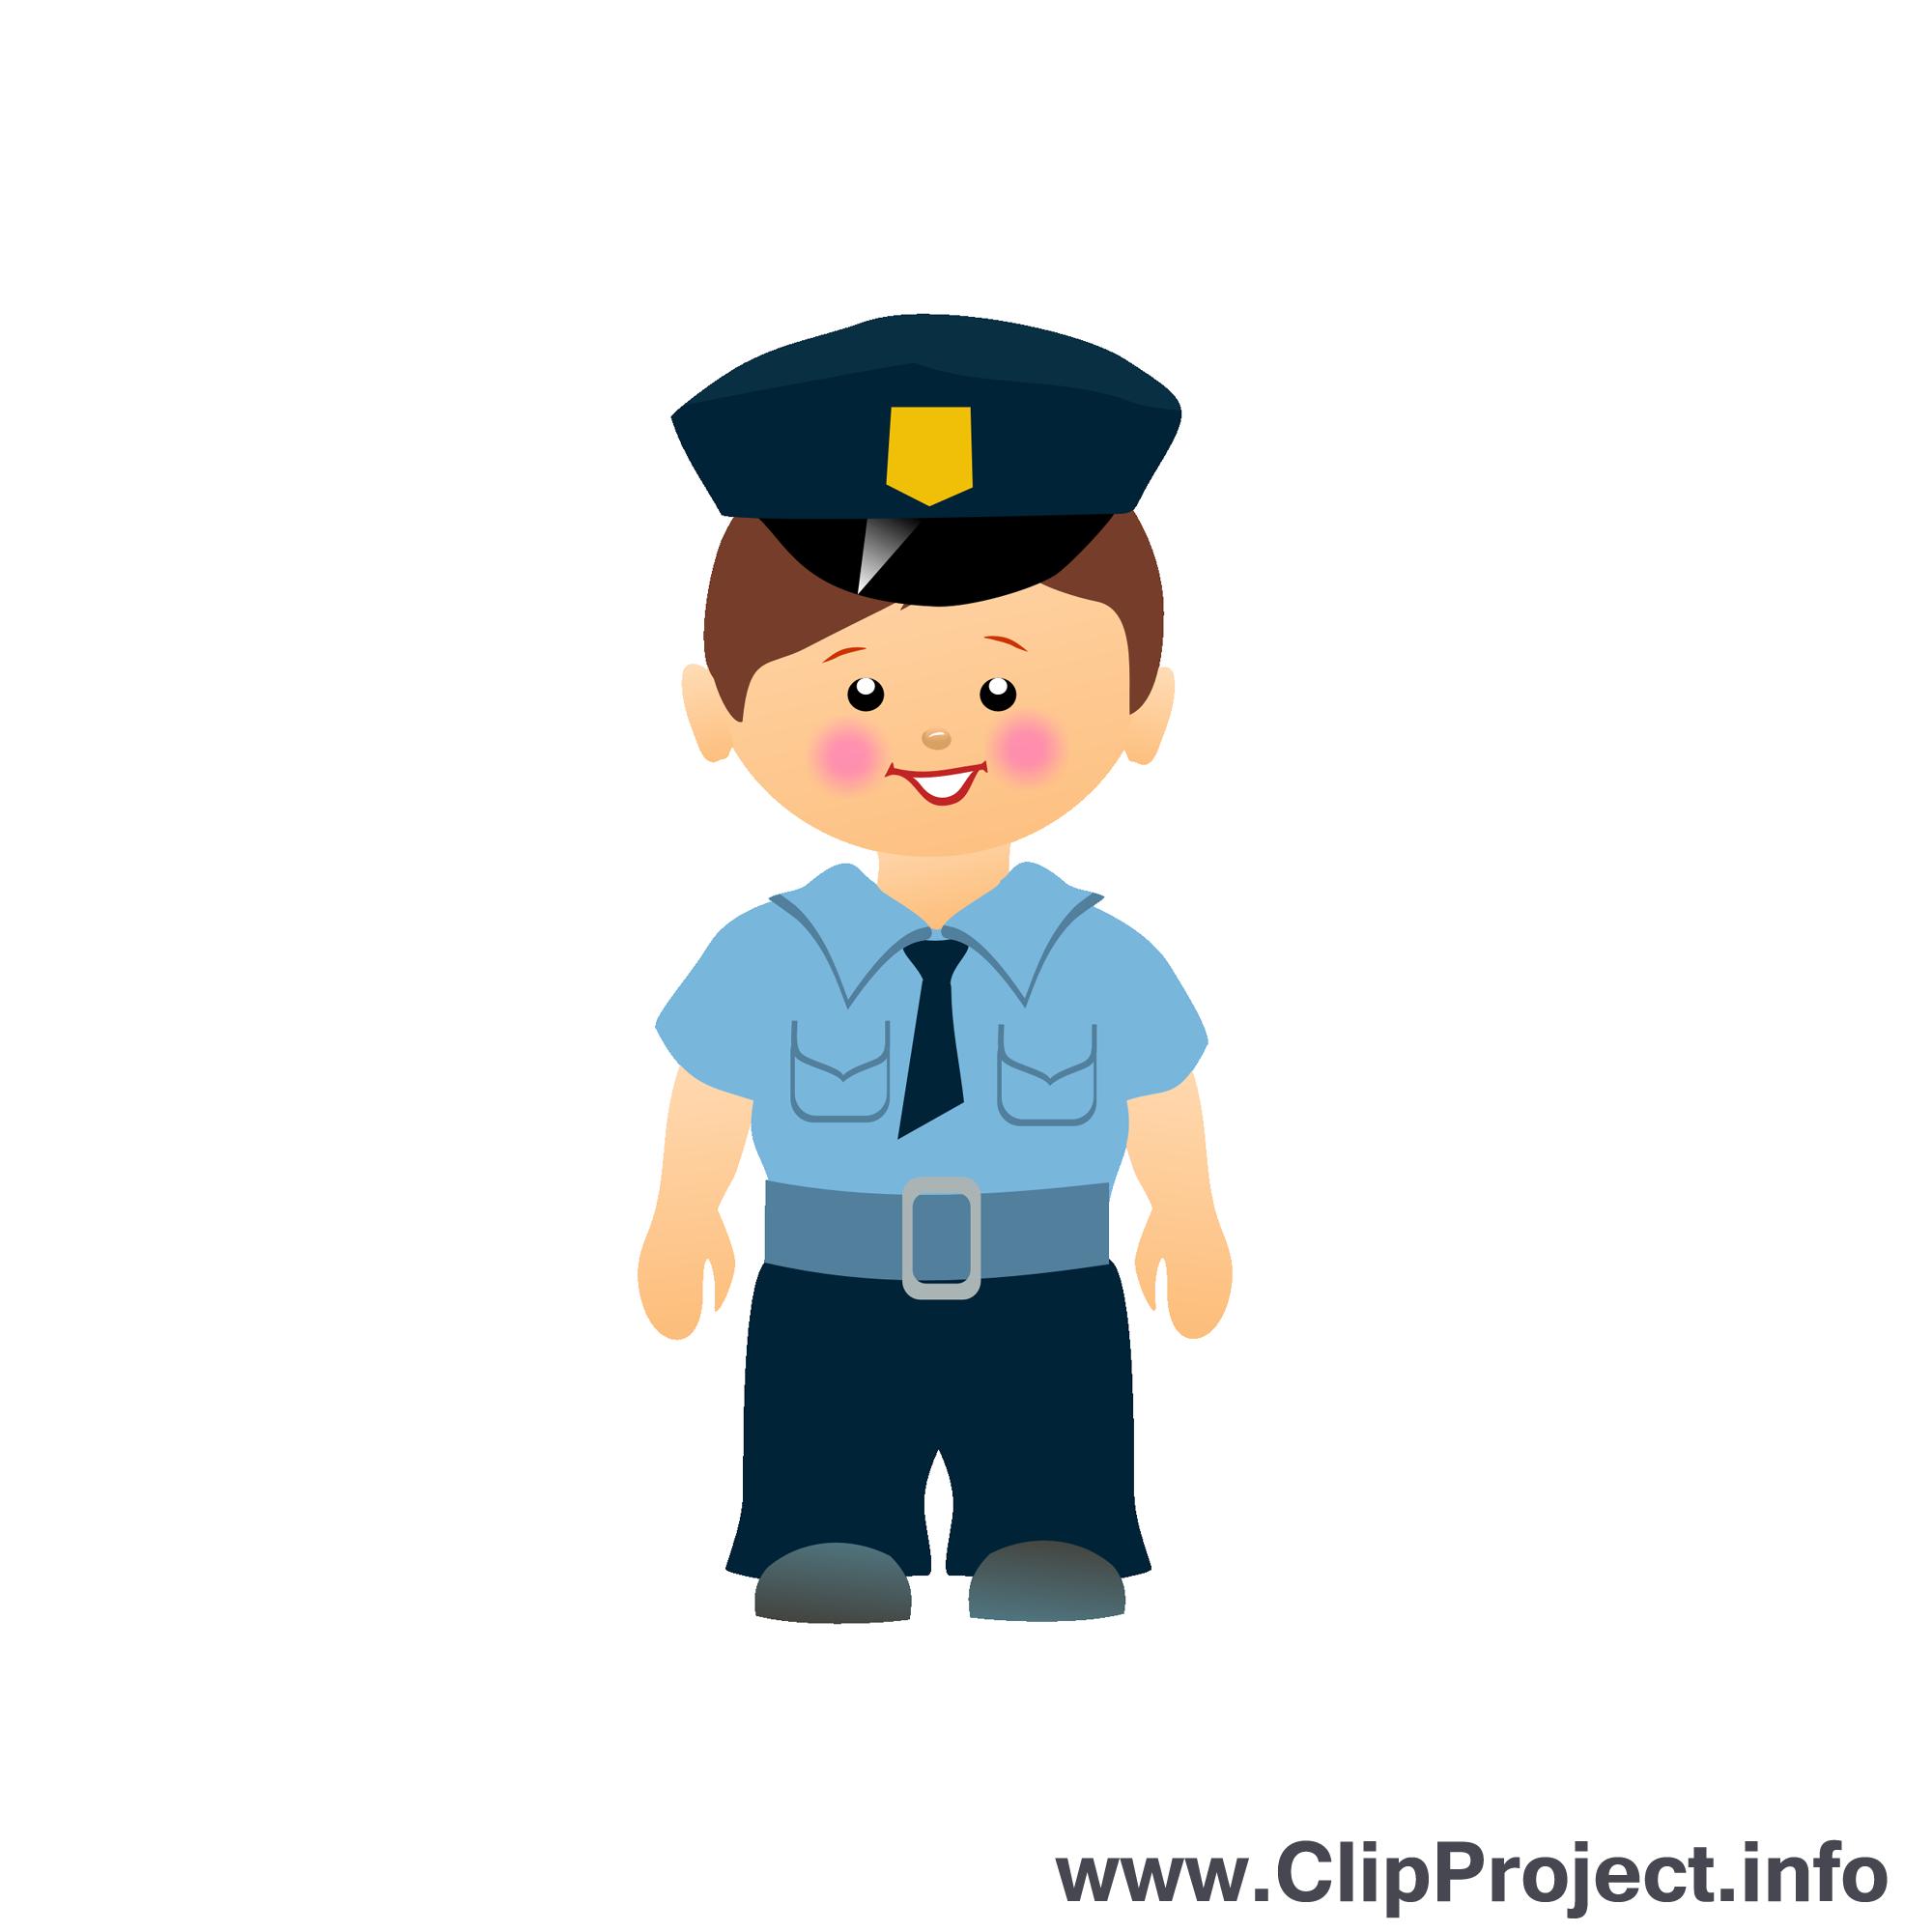 Clipart deutsche polizei graphic royalty free download Deutscher polizist clipart - ClipartFest graphic royalty free download